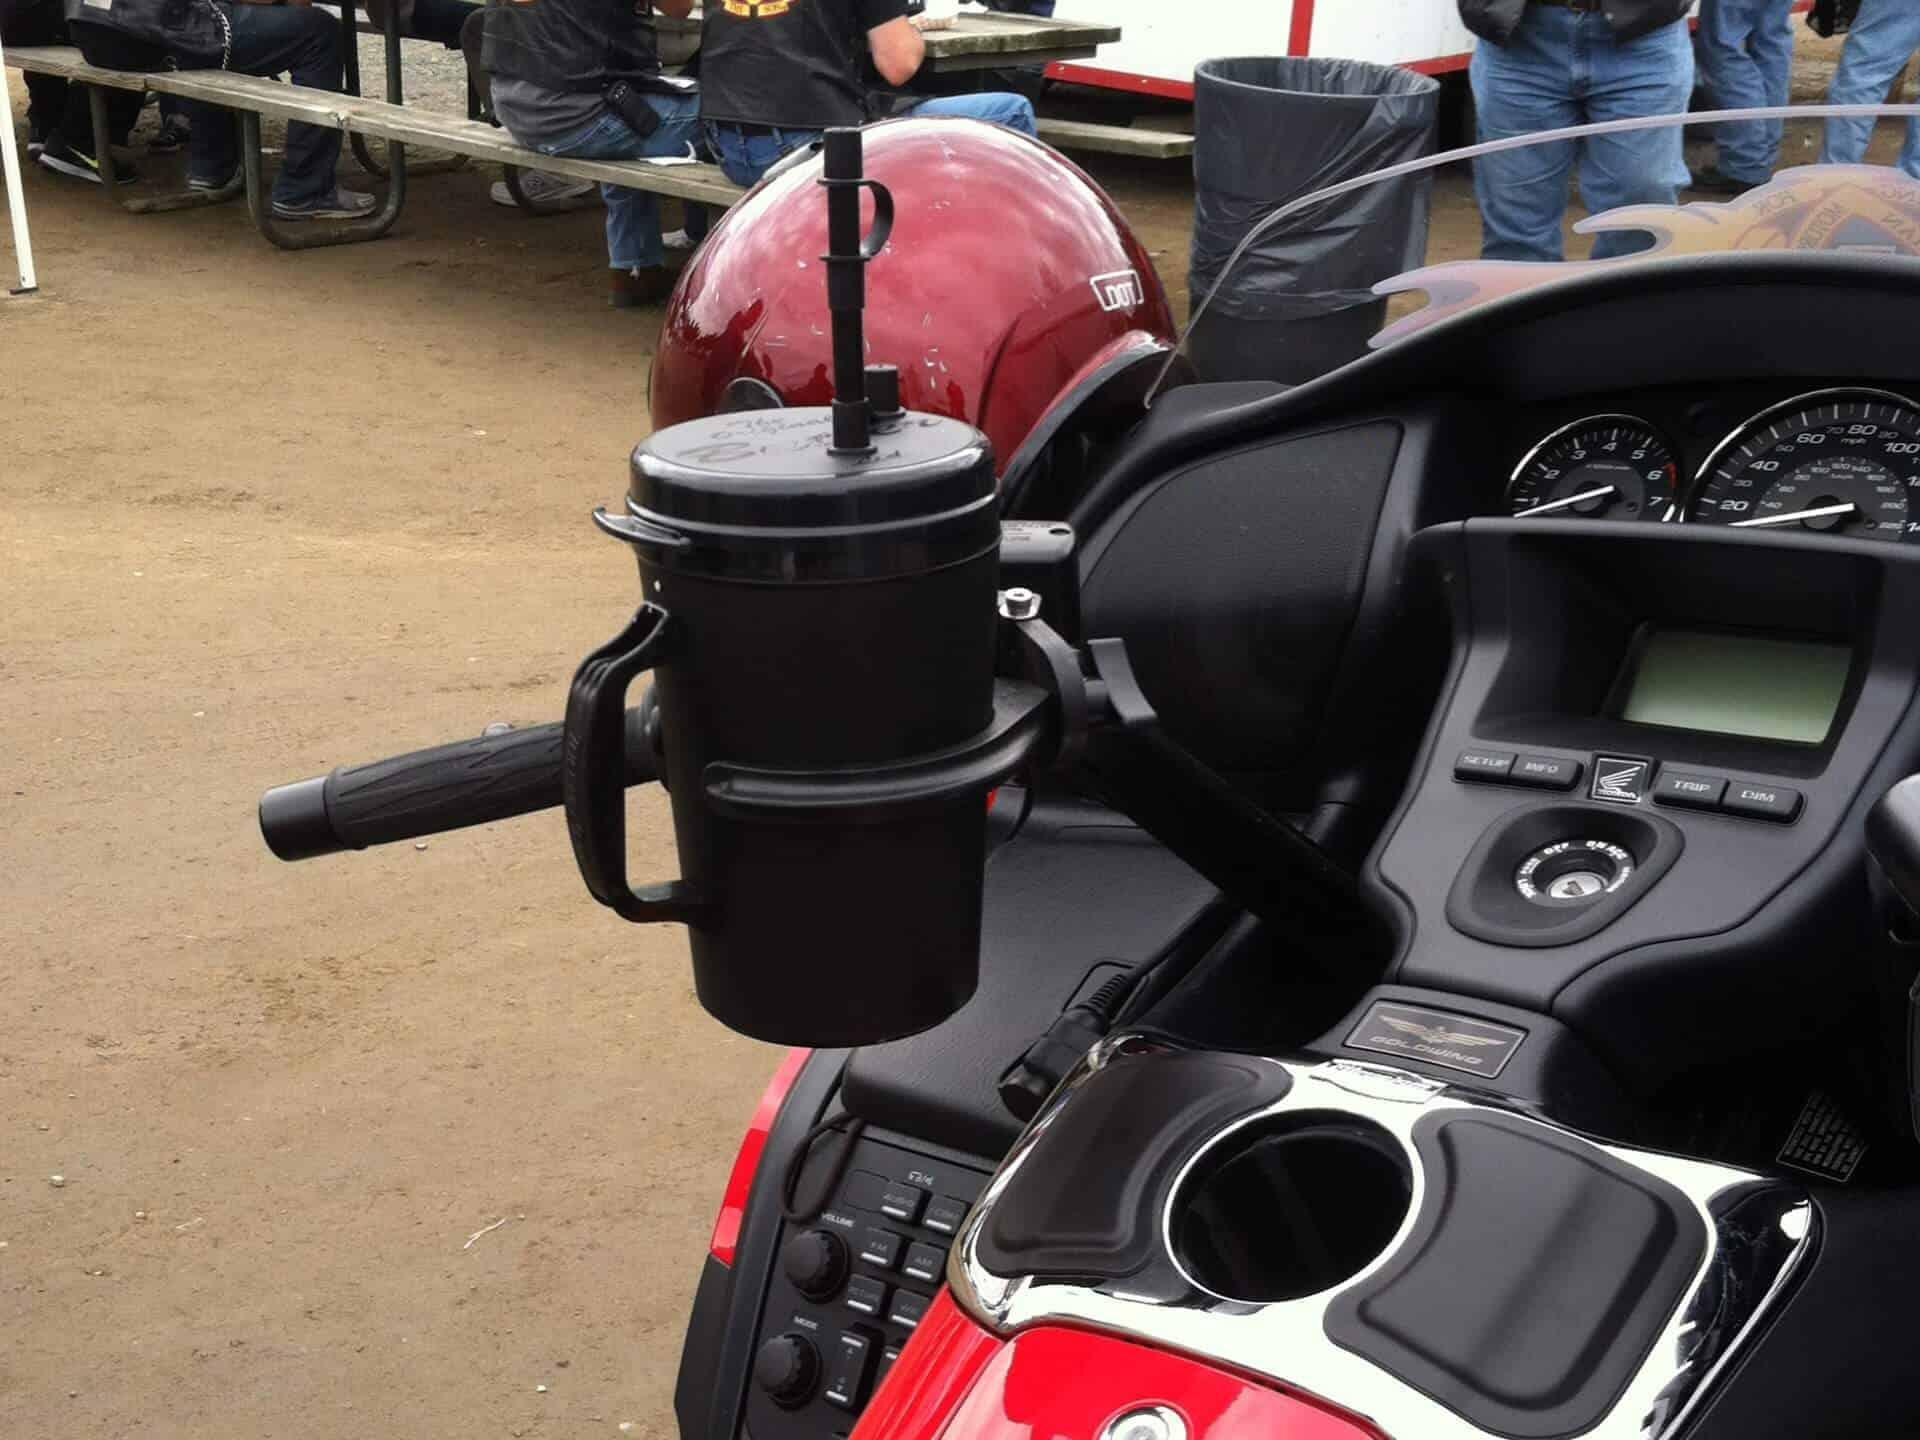 Butler Standard Driver Set For Motorcycles Best Cup Holder System